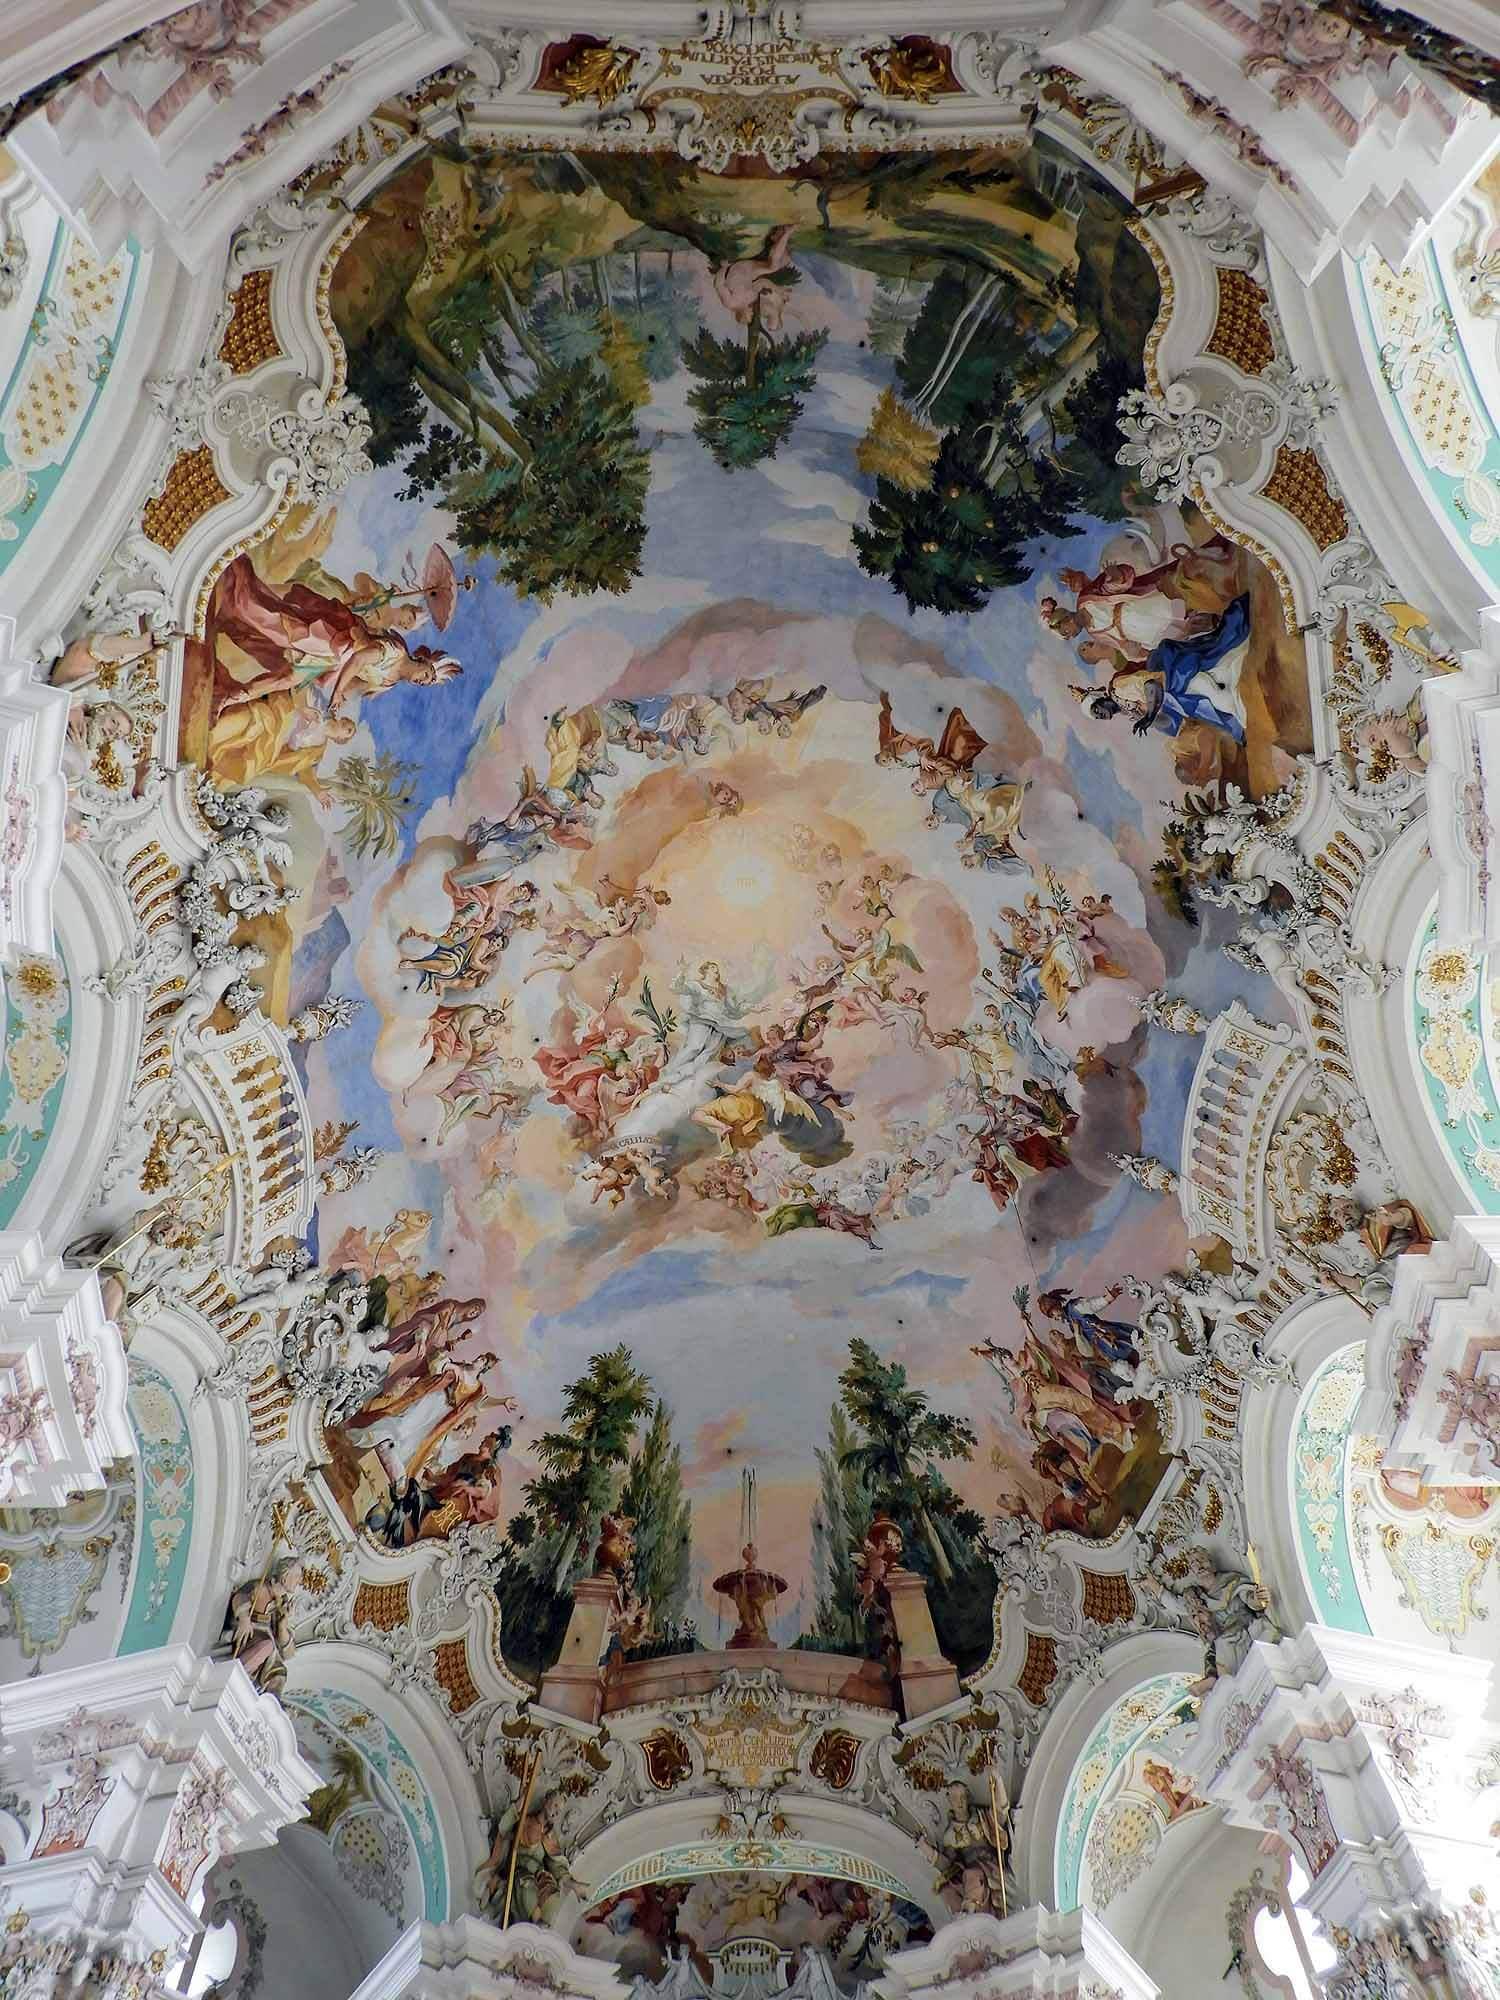 germany-steinhausen-wallfahrtskirche-baroque-ceiling.jpg